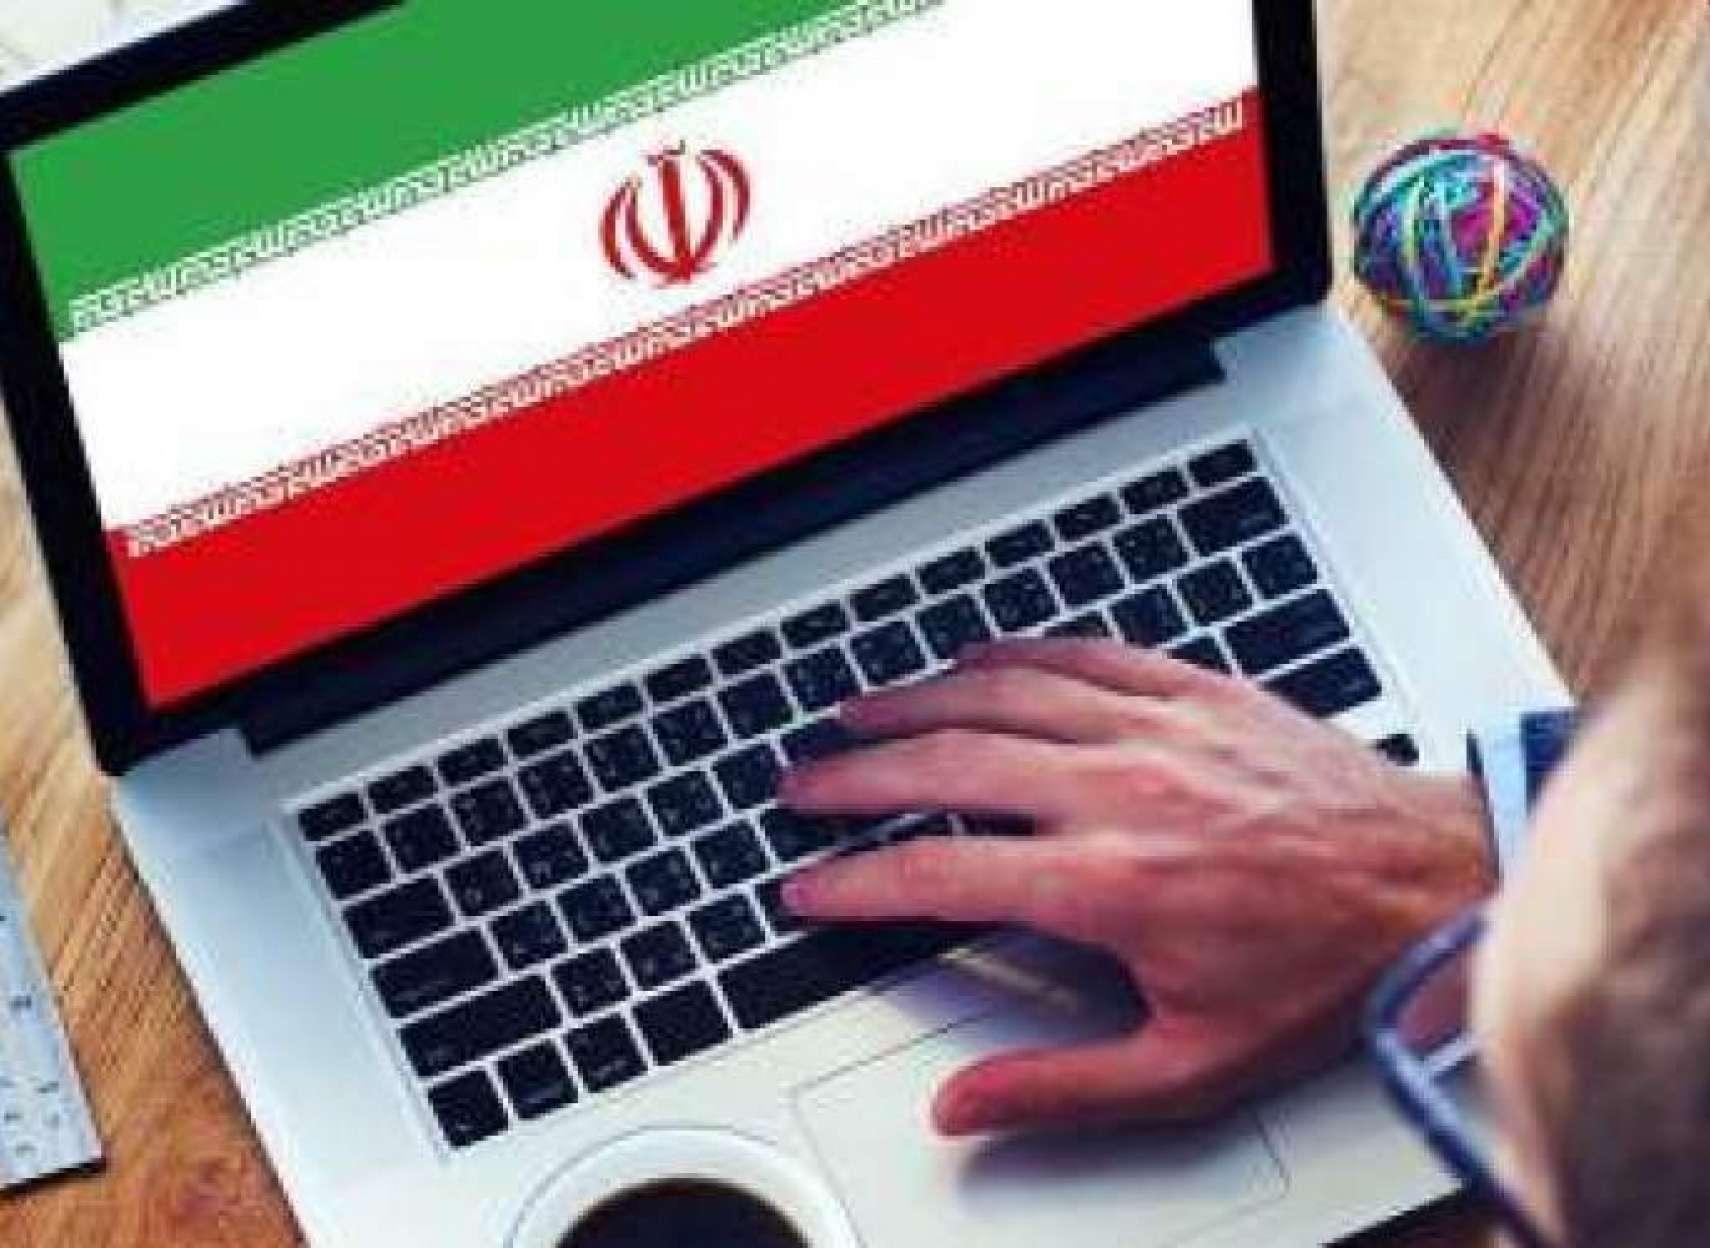 اینترنت-چینی-پشت-دروزاه-های-ایران-پیامد-های-قرارداد-۲۵-ساله-ایران-و-چین-بر-حوزه-ارتباطات-و- اطلاعات-در-ایران